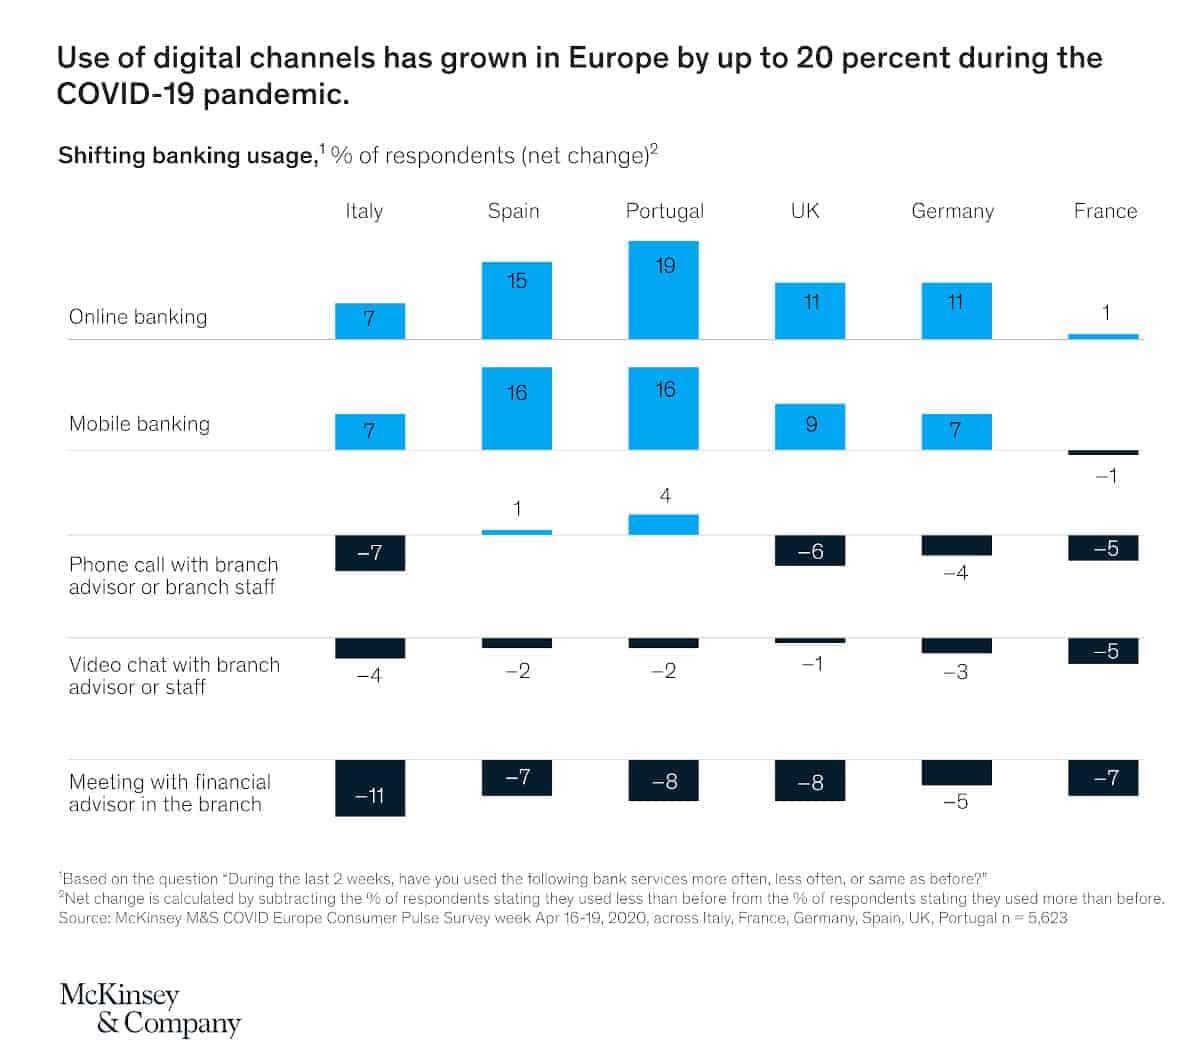 In vielen europäischen Ländern haben in den vergangenen Monaten die digitalen Kanäle zugelegt oder zumindest gegenüber analogen Kanälen ihre Position verbessert.<q>McKinsey & Company